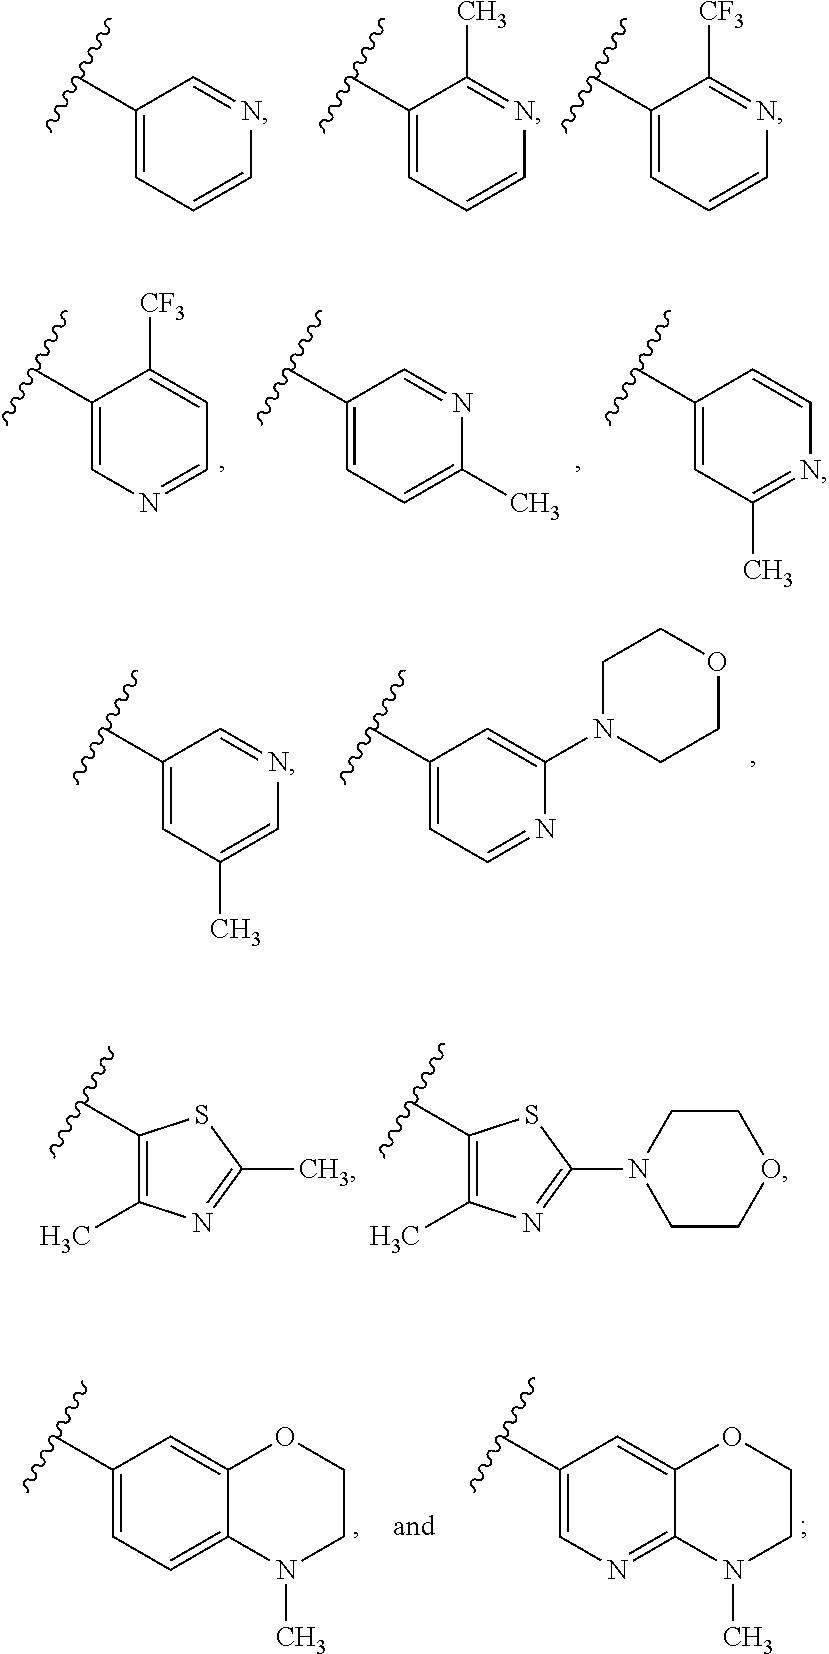 Figure US09326986-20160503-C00033